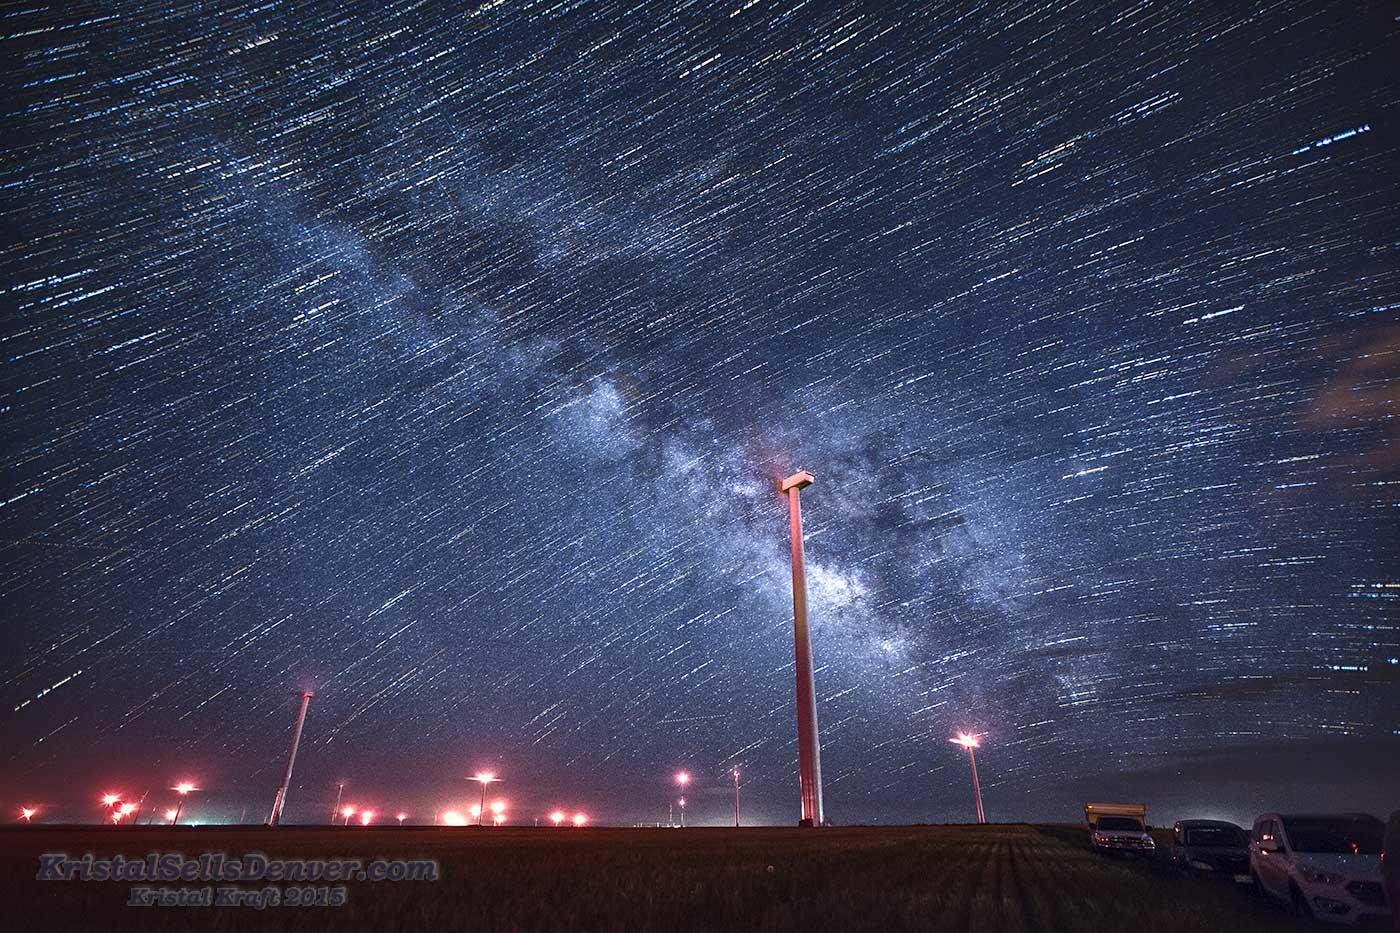 MilkyWayNight